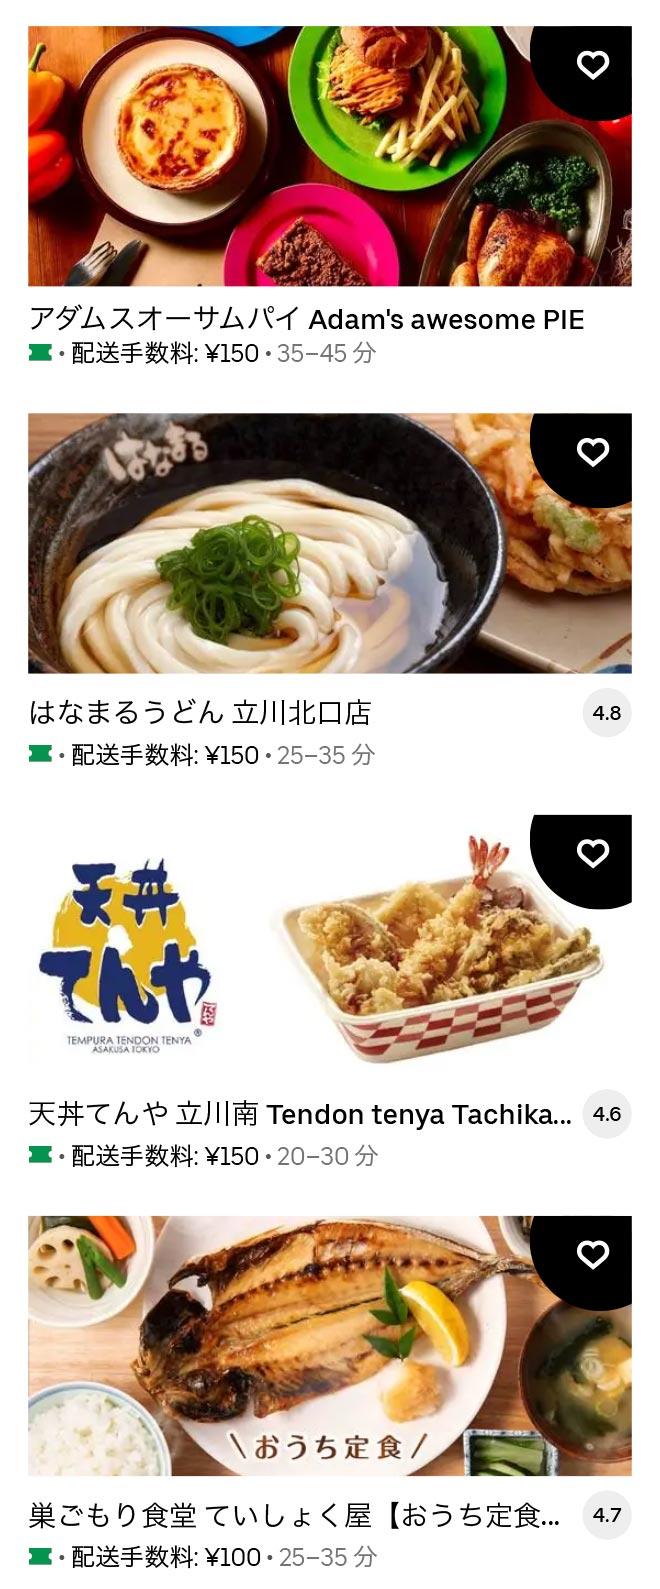 U tachikawa 2106 08